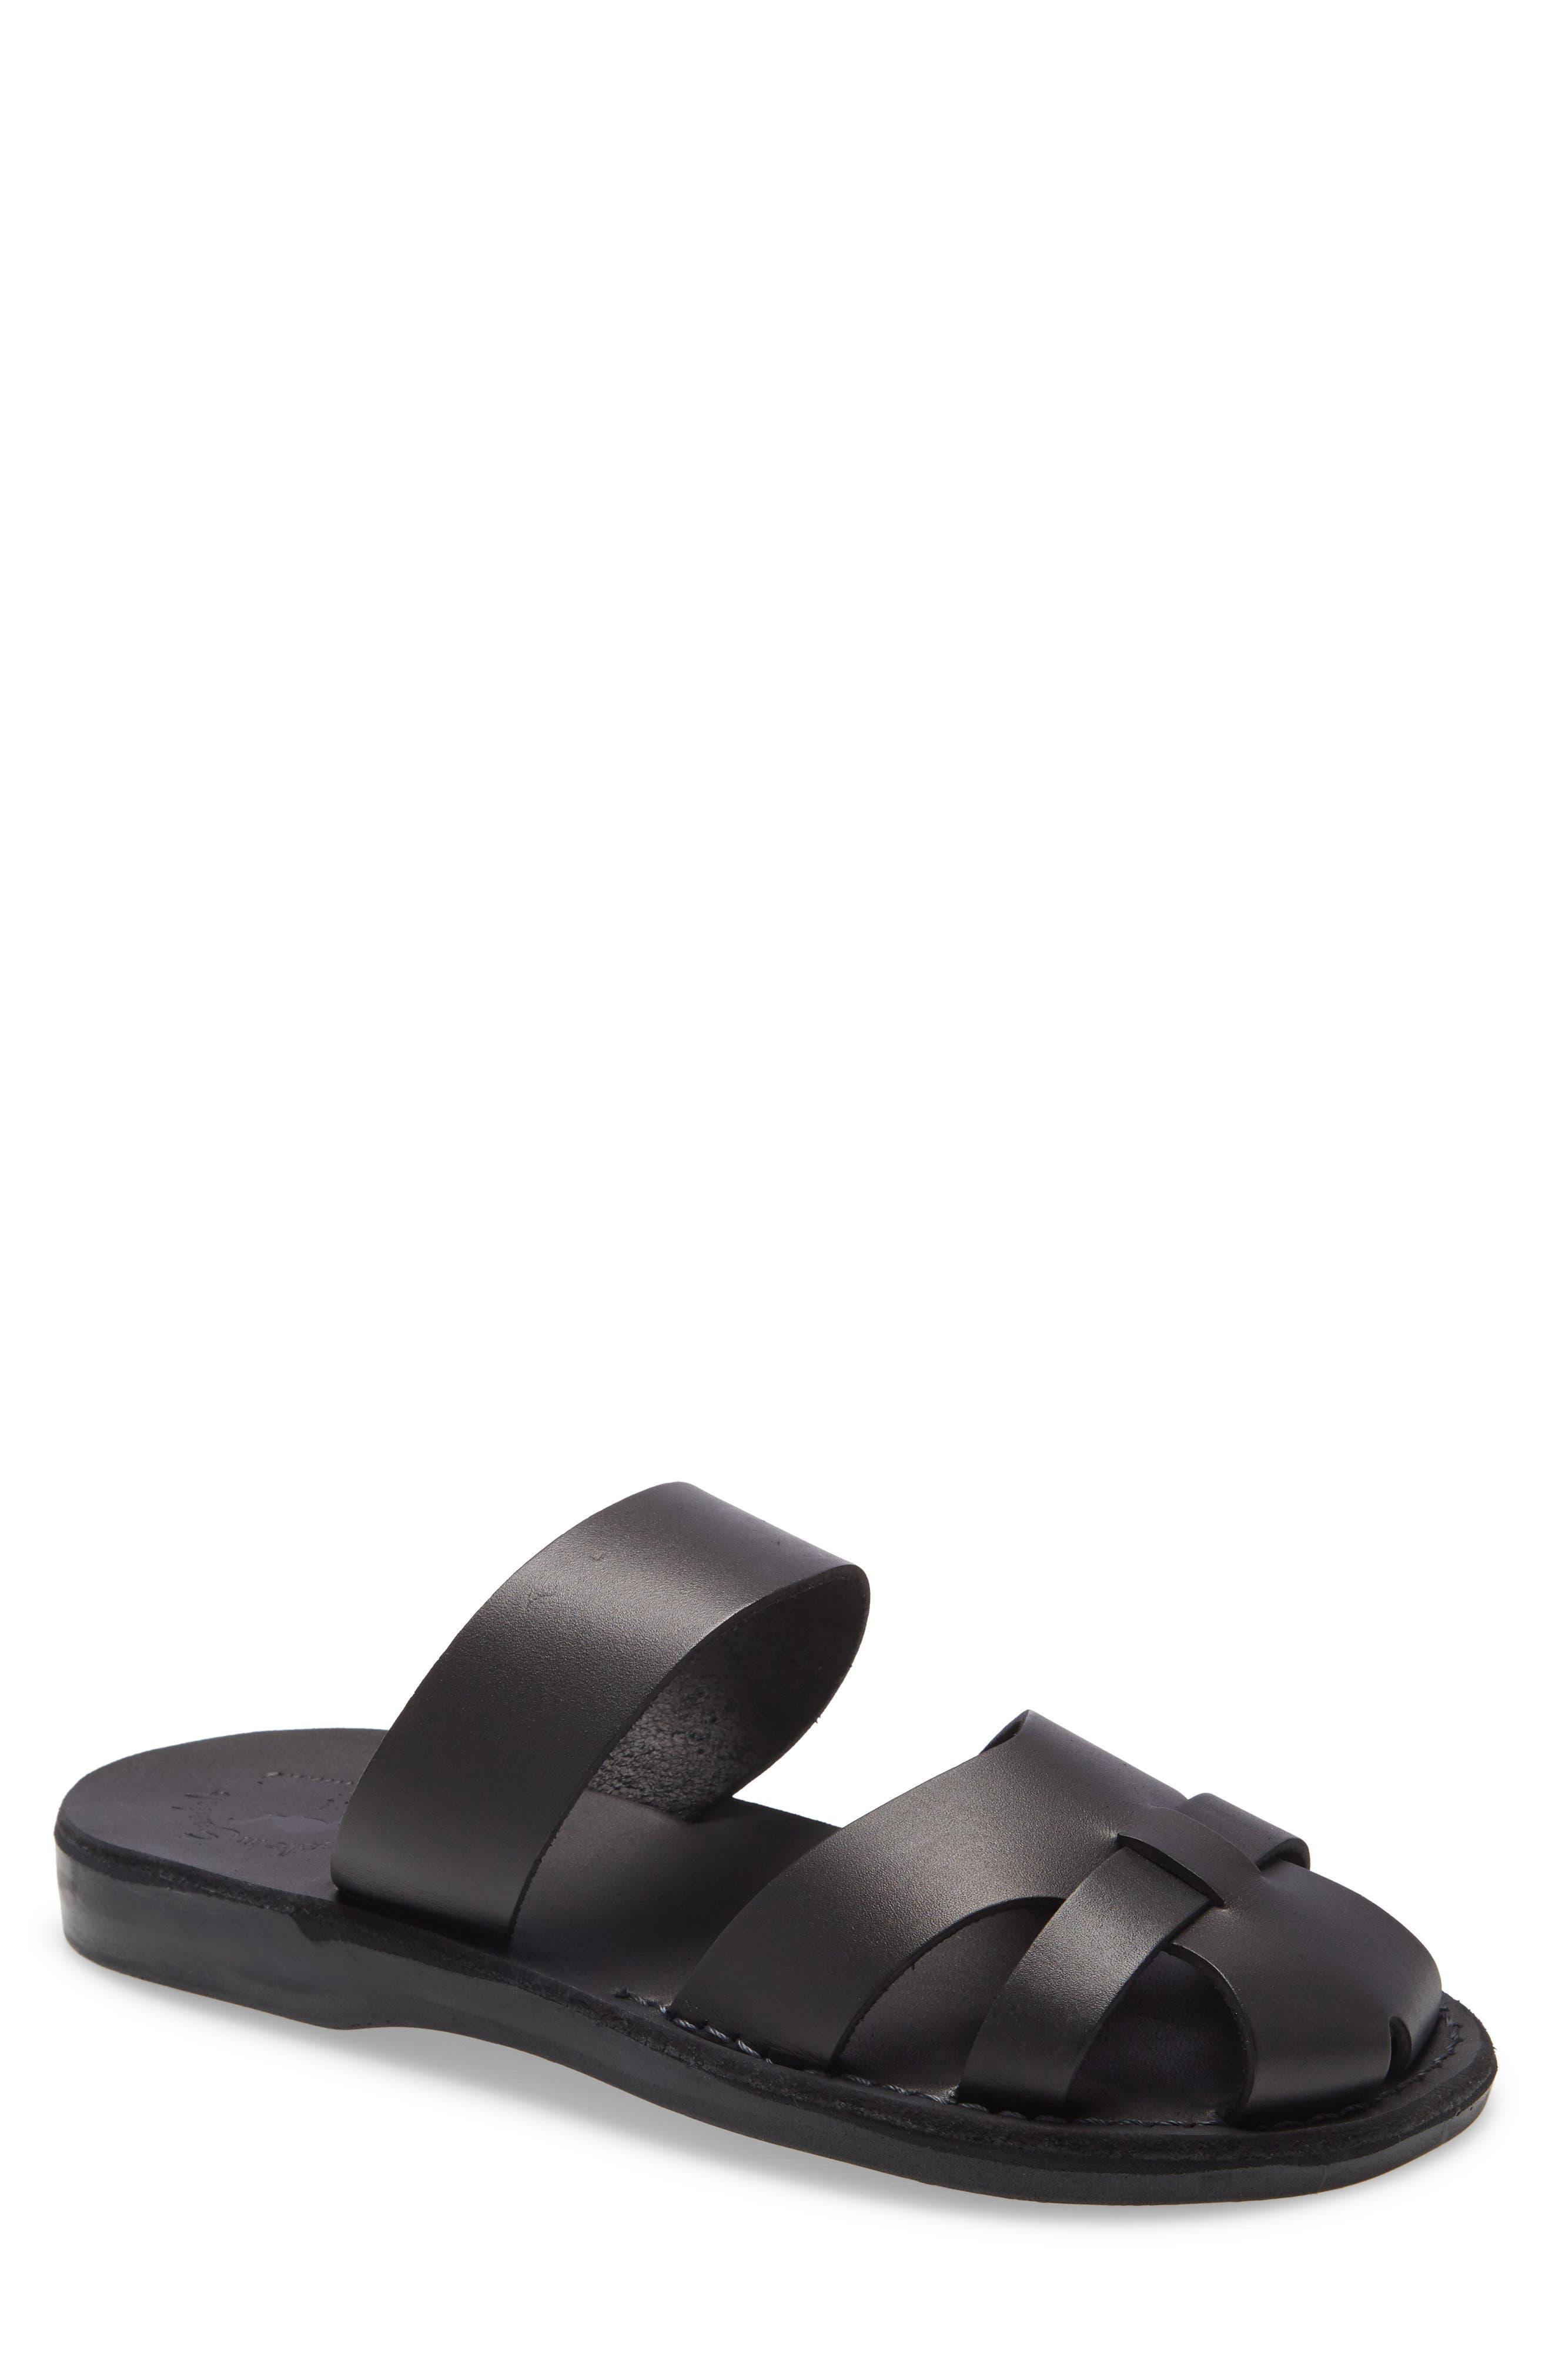 Adino Slide Sandal